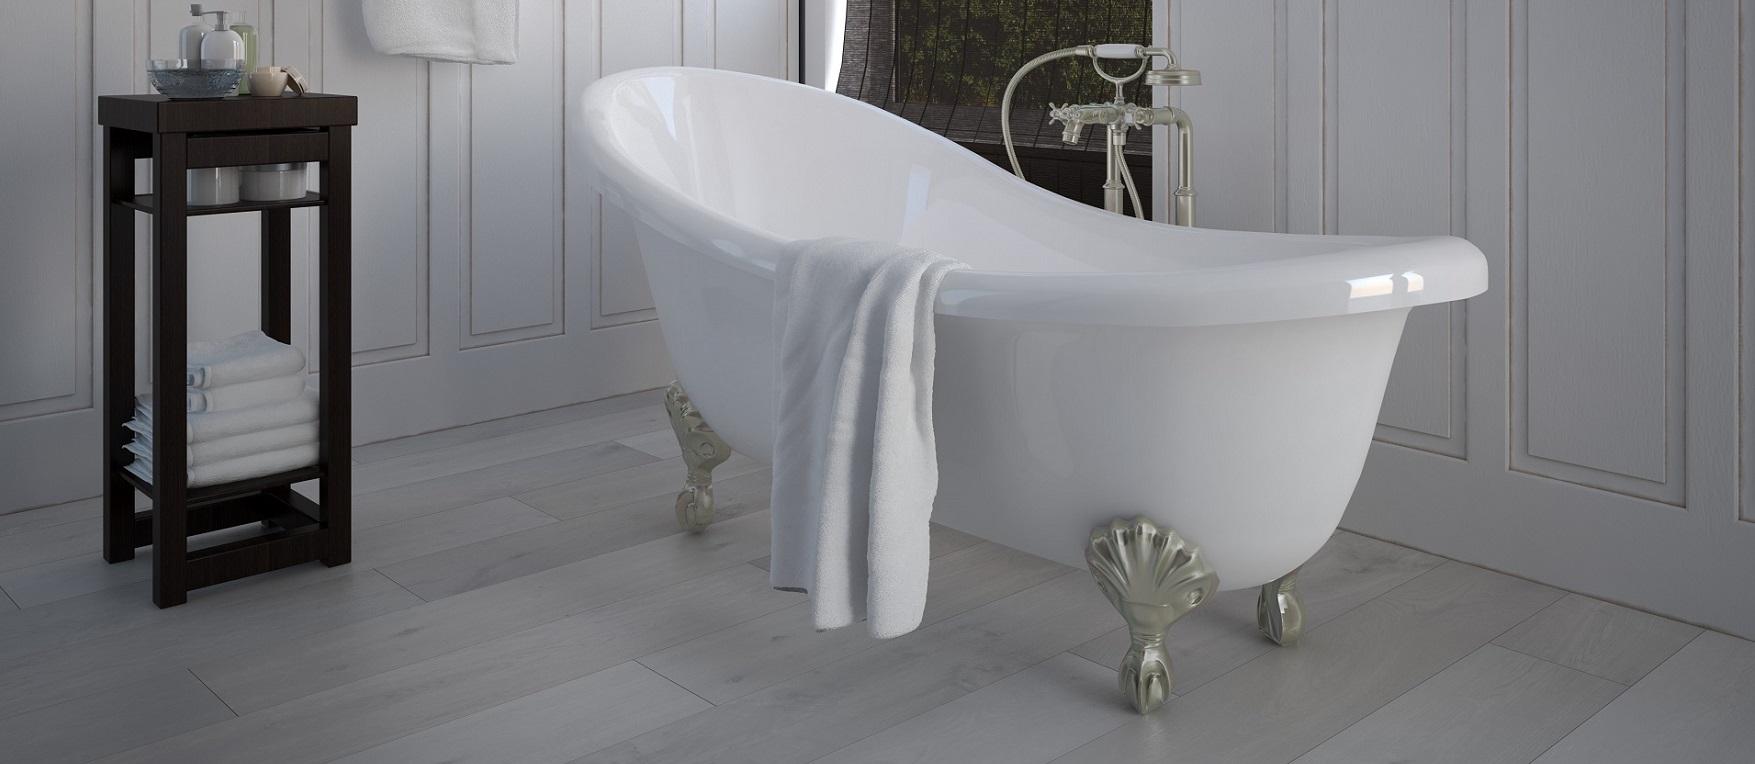 Rehabilitering av bad og våtrom